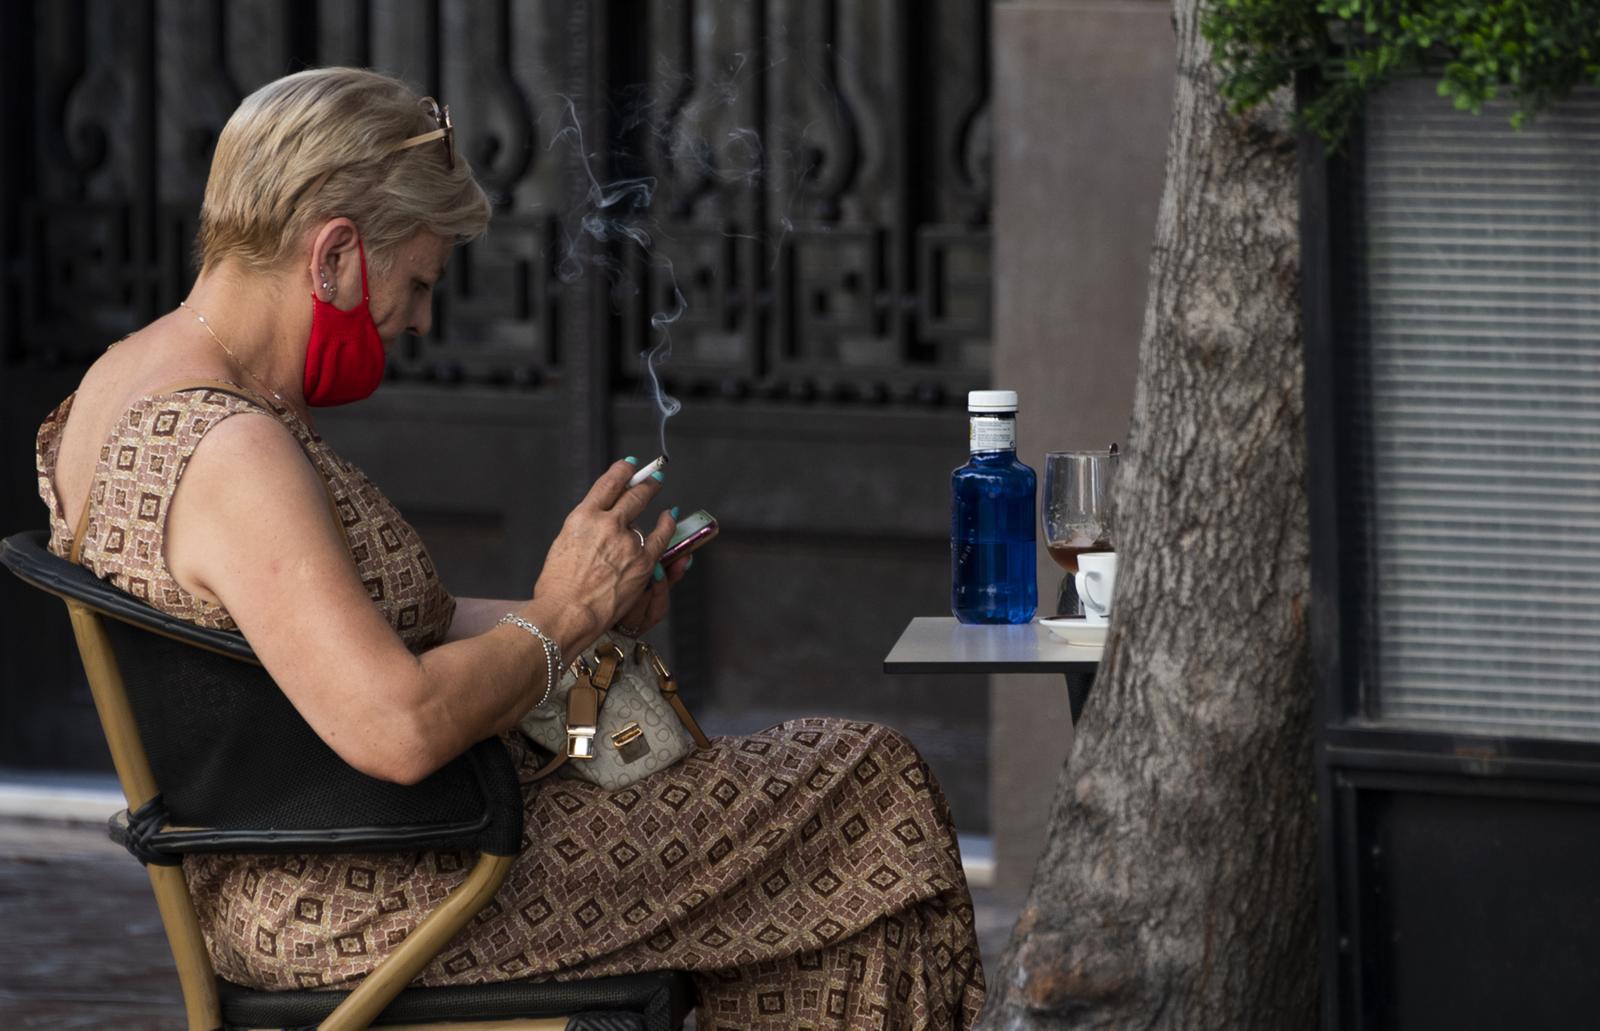 แคว้นกาลิเซียของสเปนห้ามสูบบุหรี่ป้องกันโควิด-19